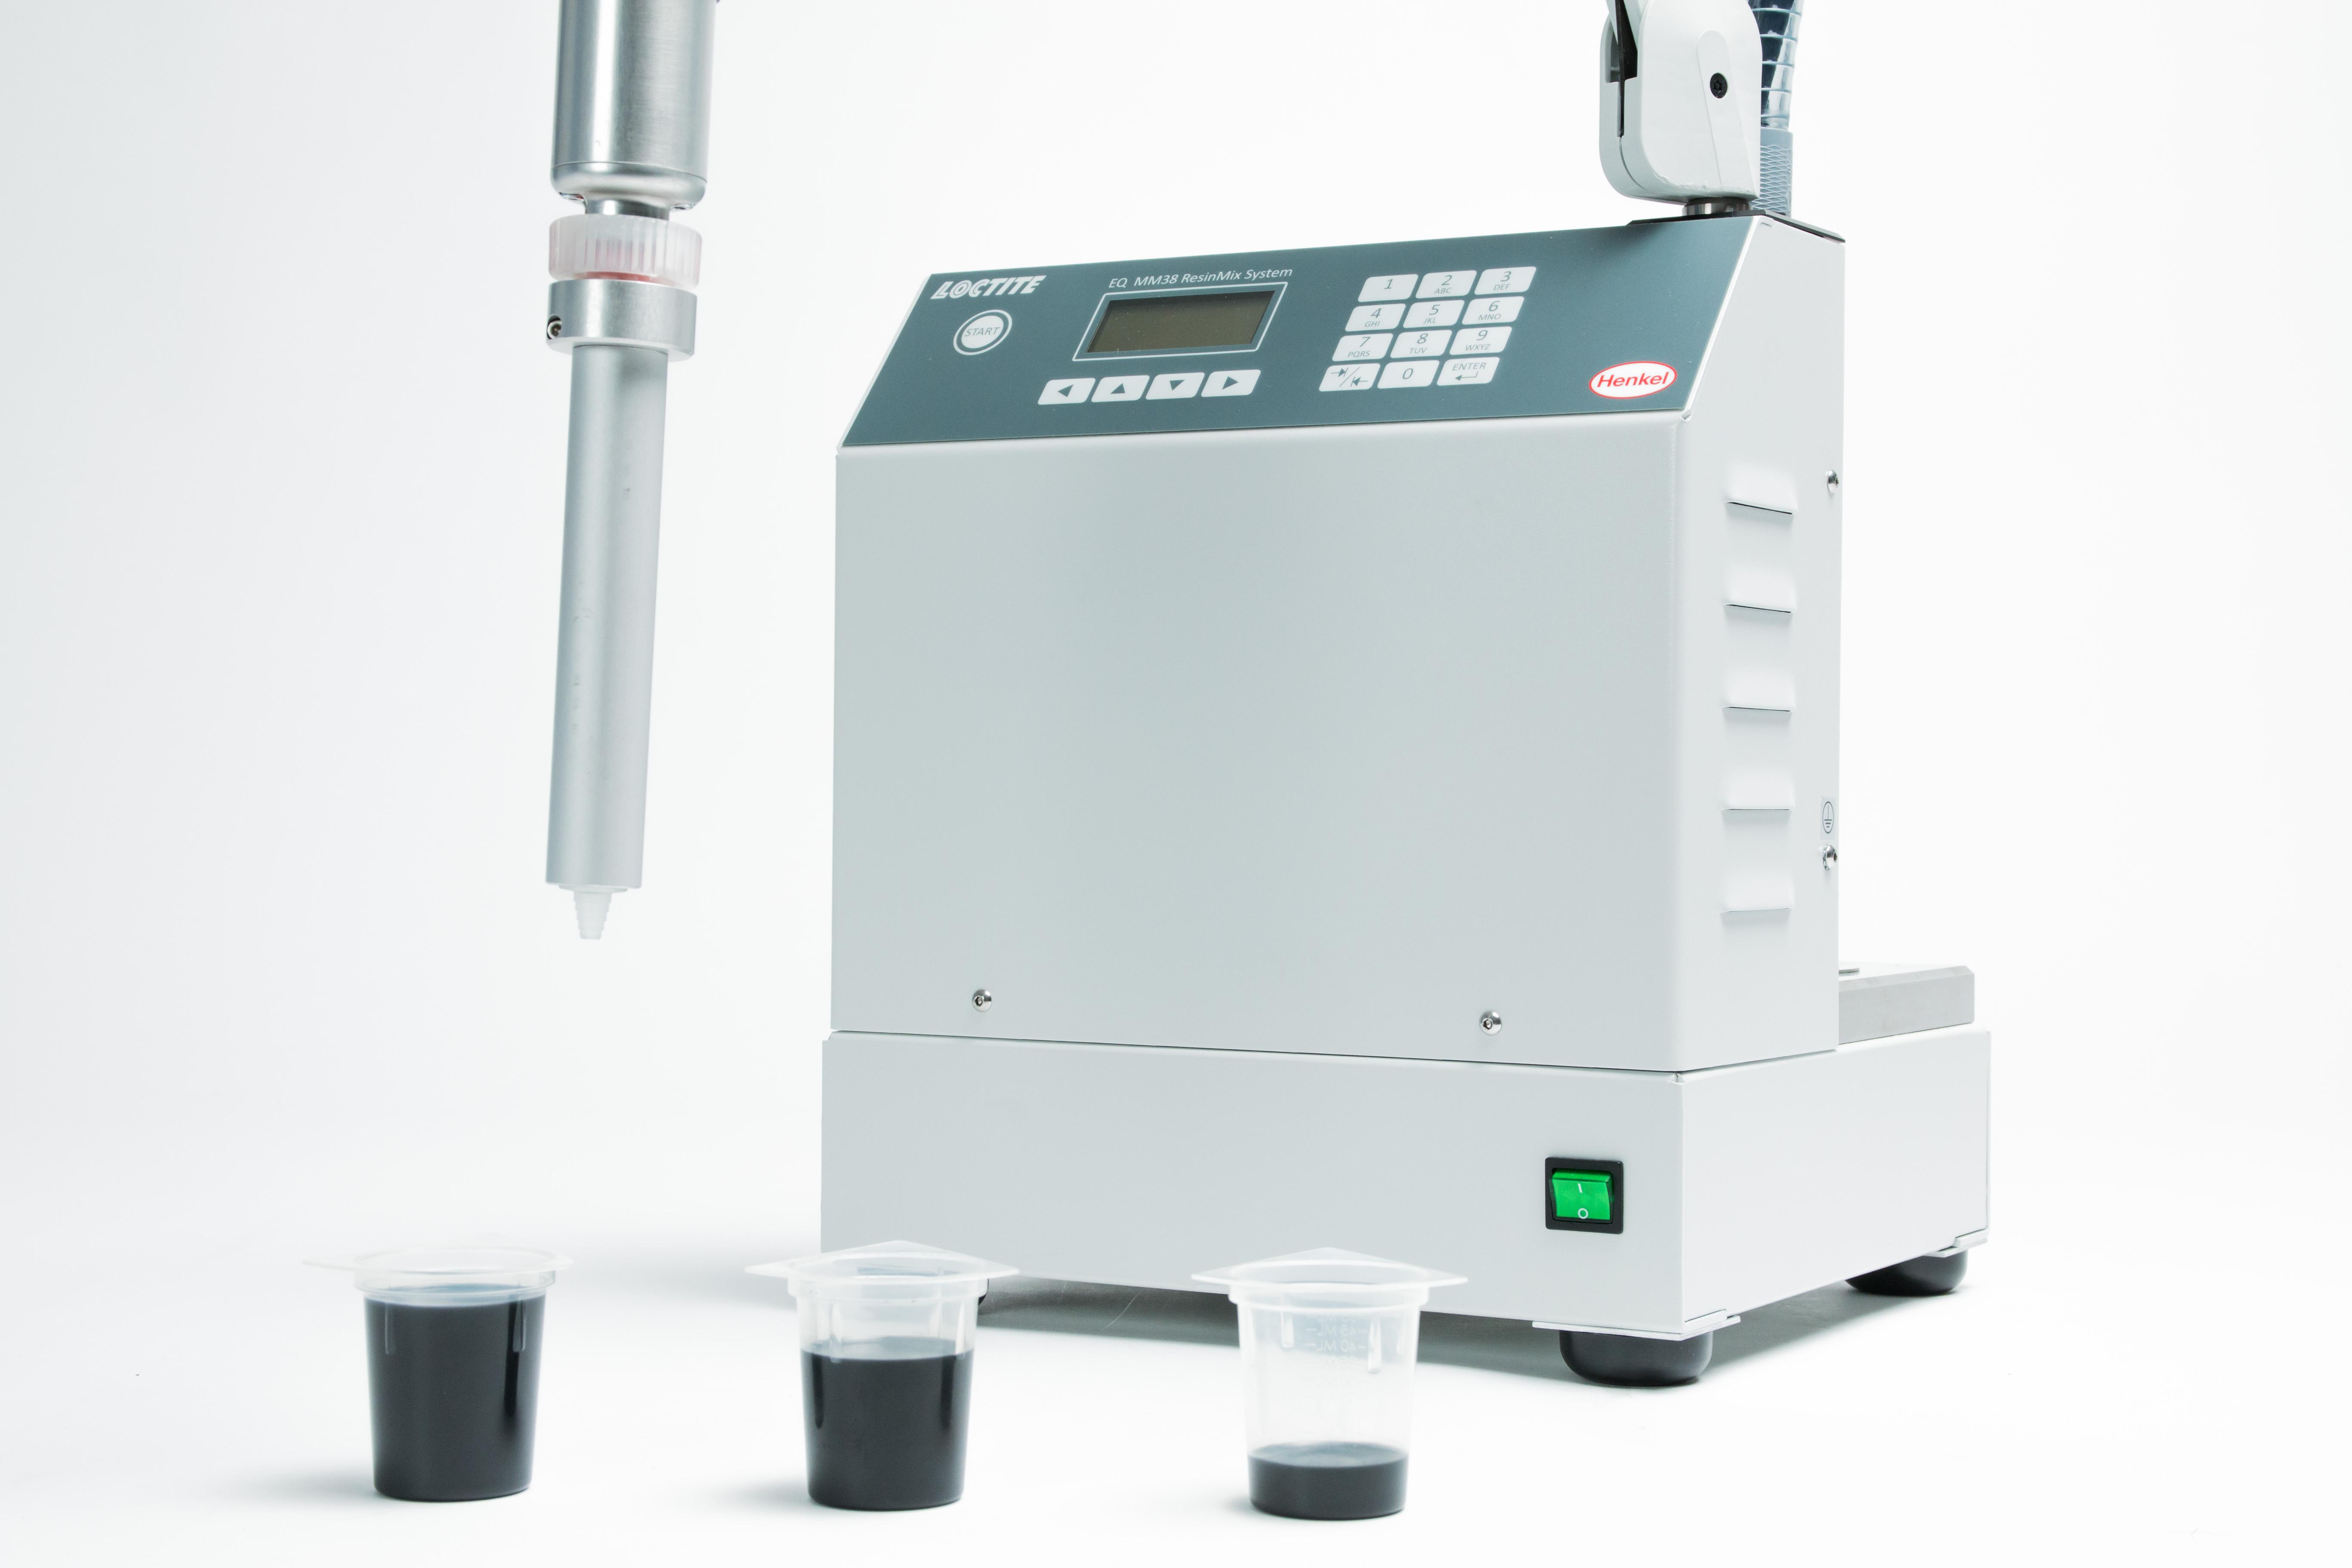 henkel anlagen nachbearbeitung 3d druck - Henkel entwickelt neue Materiallösungen für 3D-Druck in der industriellen Fertigung